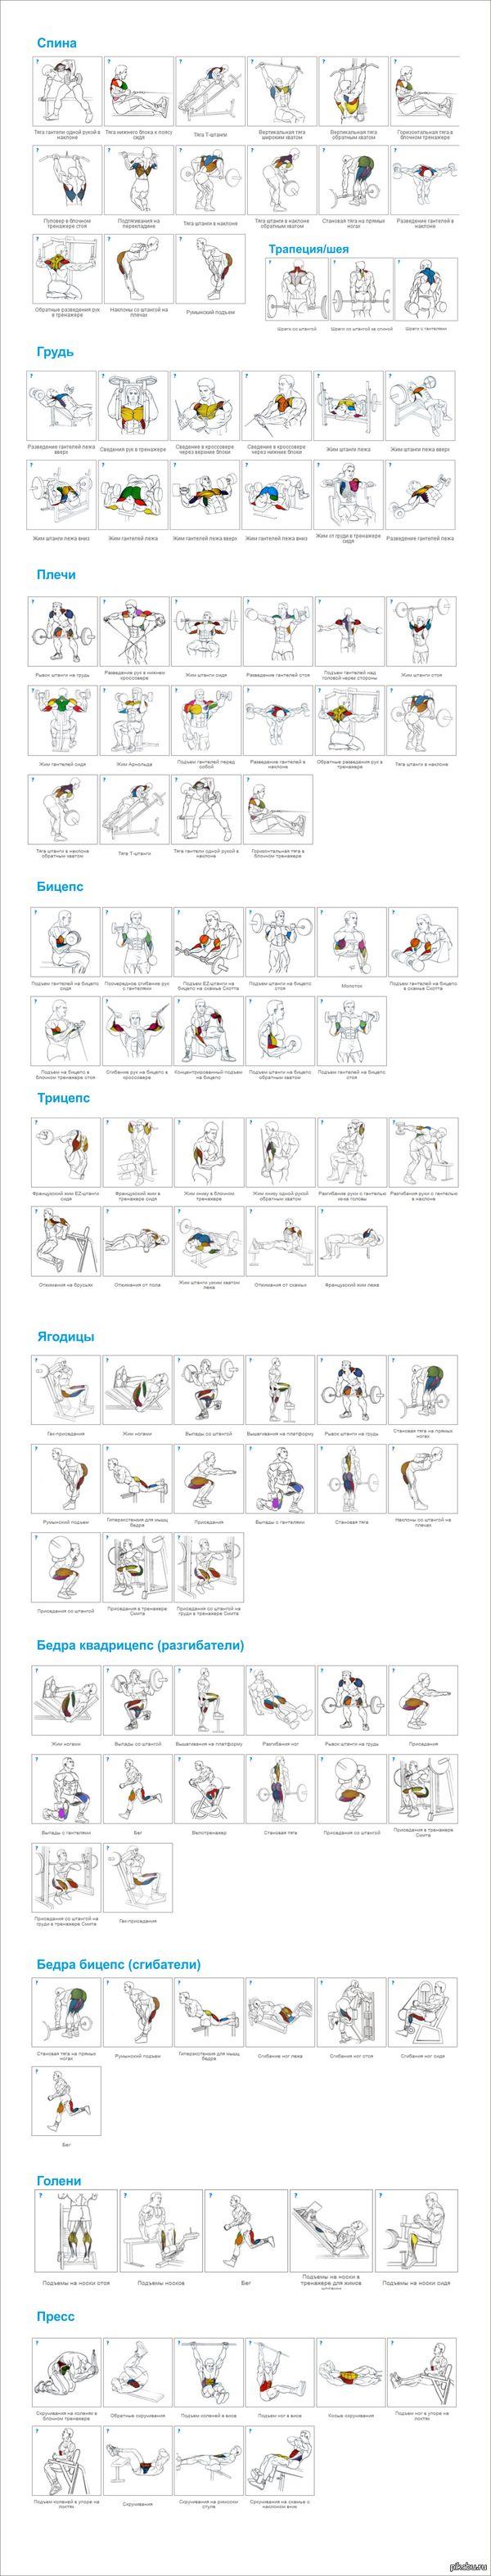 Схемы упражнений для мышц 63